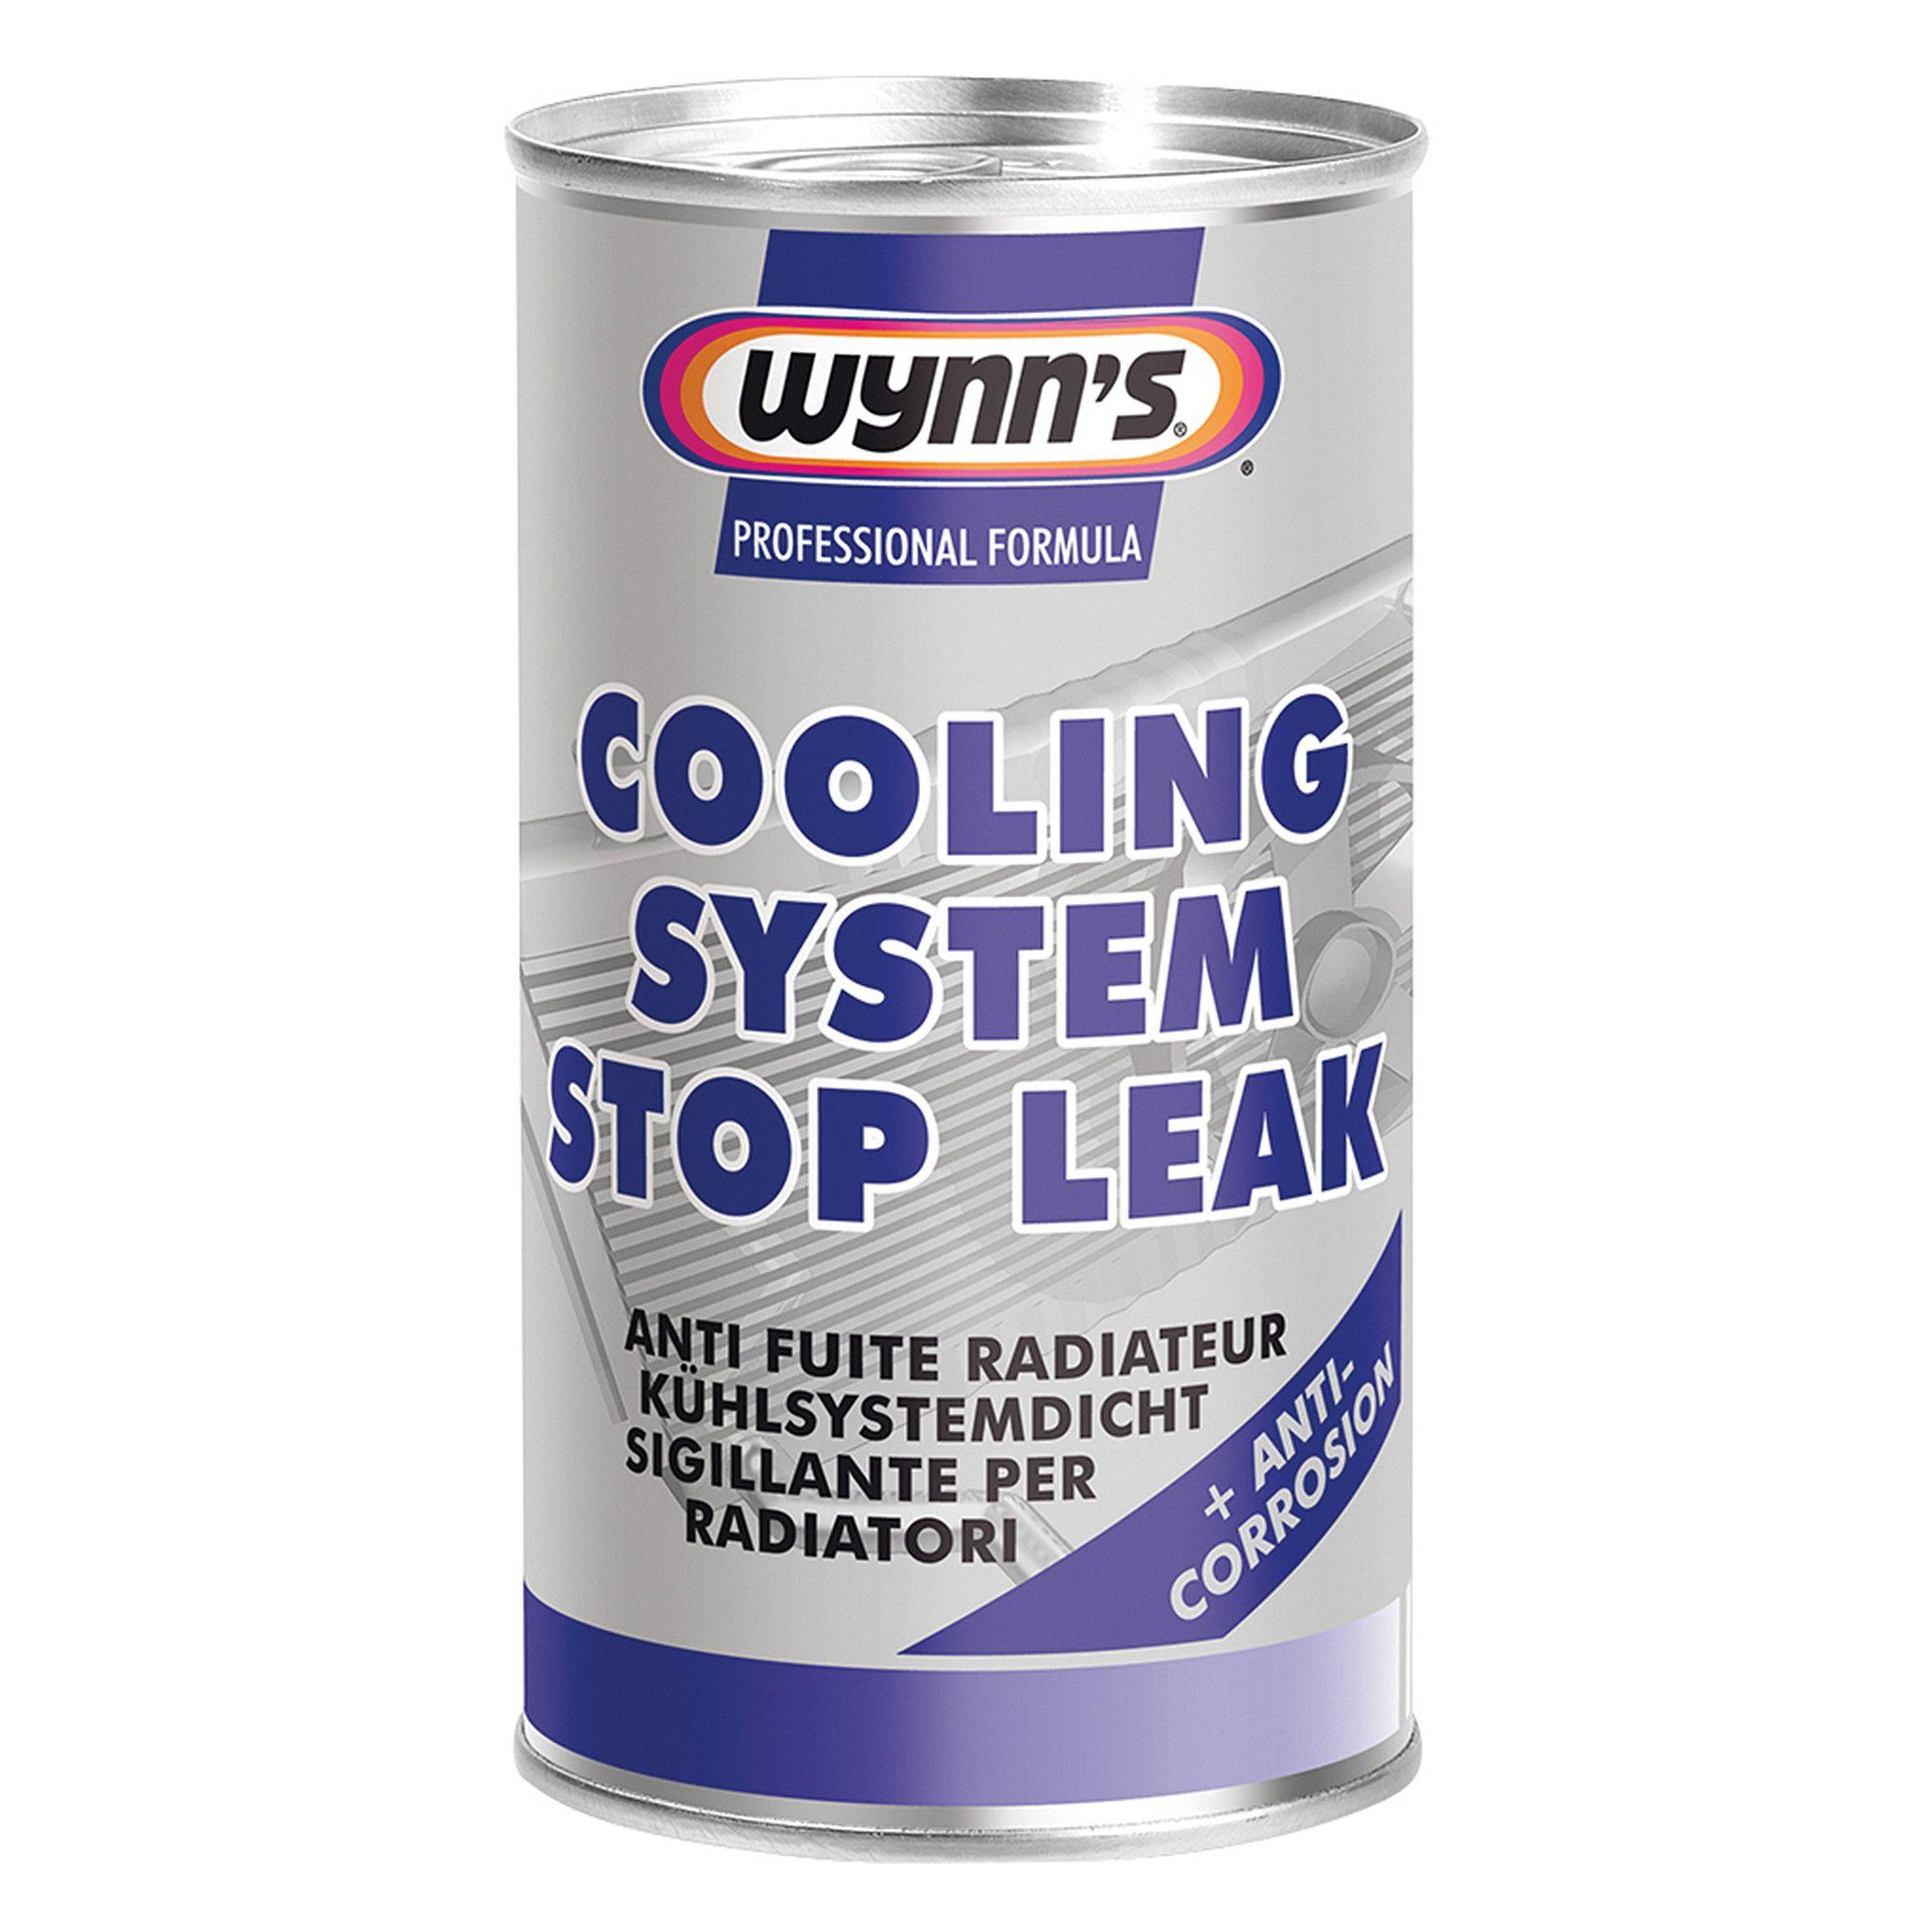 Wynn S Koelsysteem Lekstop Description Wynn S Cooling System Stop